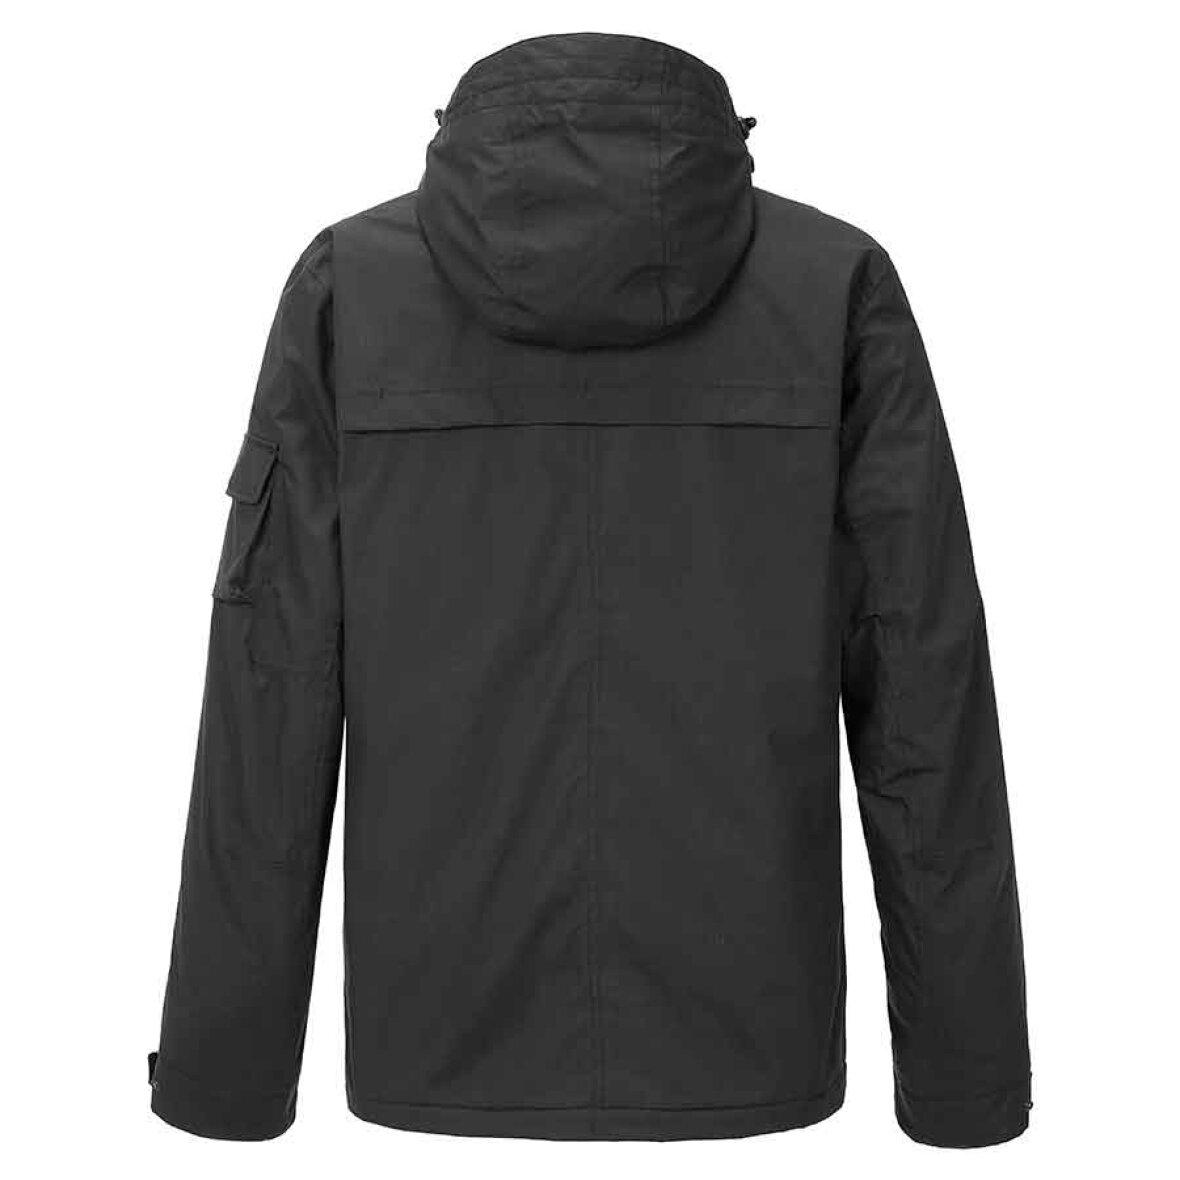 b686d6ad98a Holdbar vinter jakke med 4 lommer!   Tenson - Danny M Black - Bestil ...